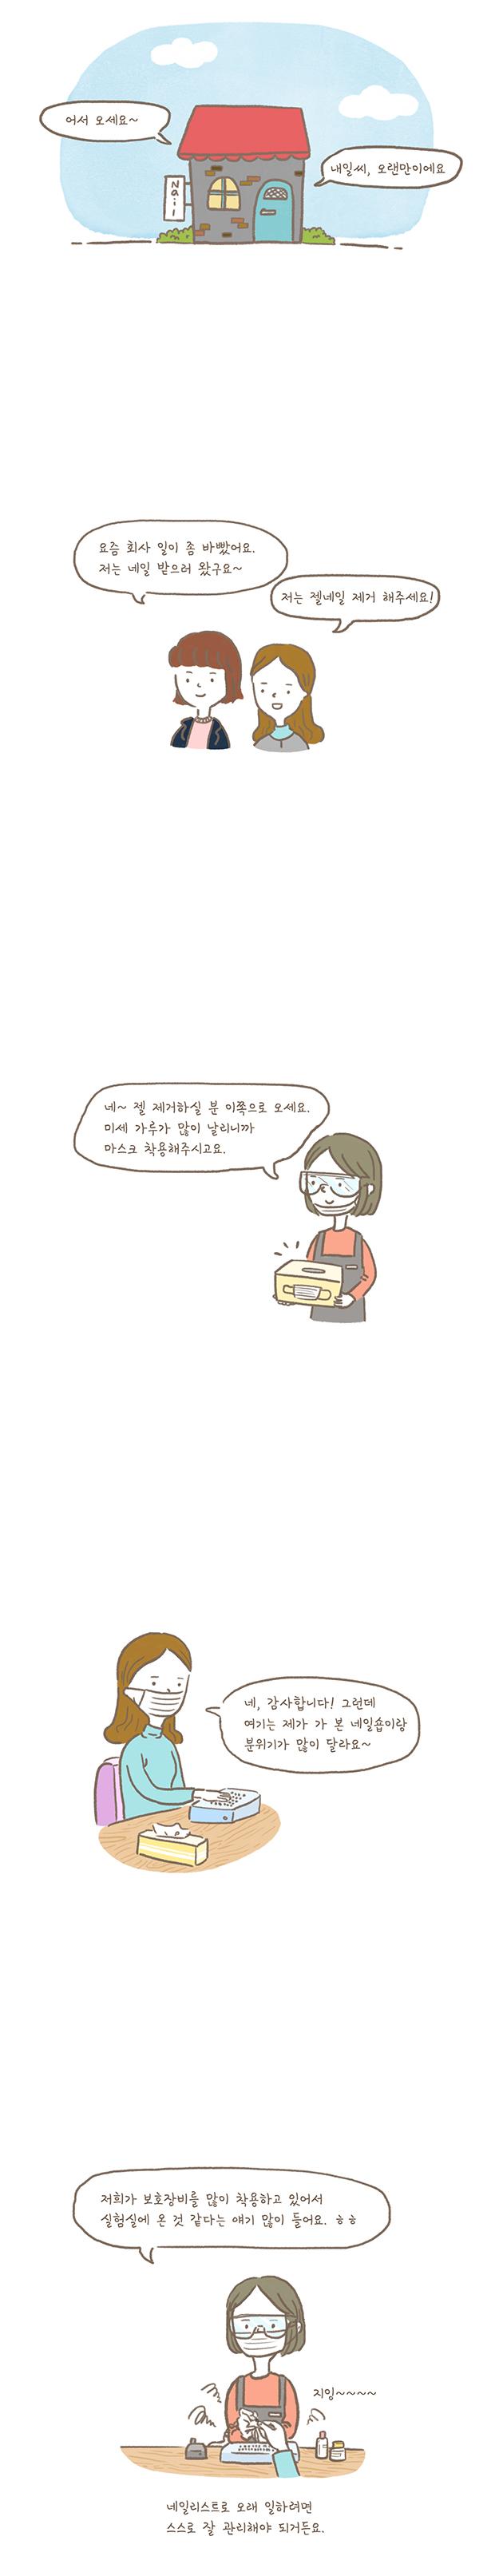 웹툰_종사자용(개인 보호장치)2